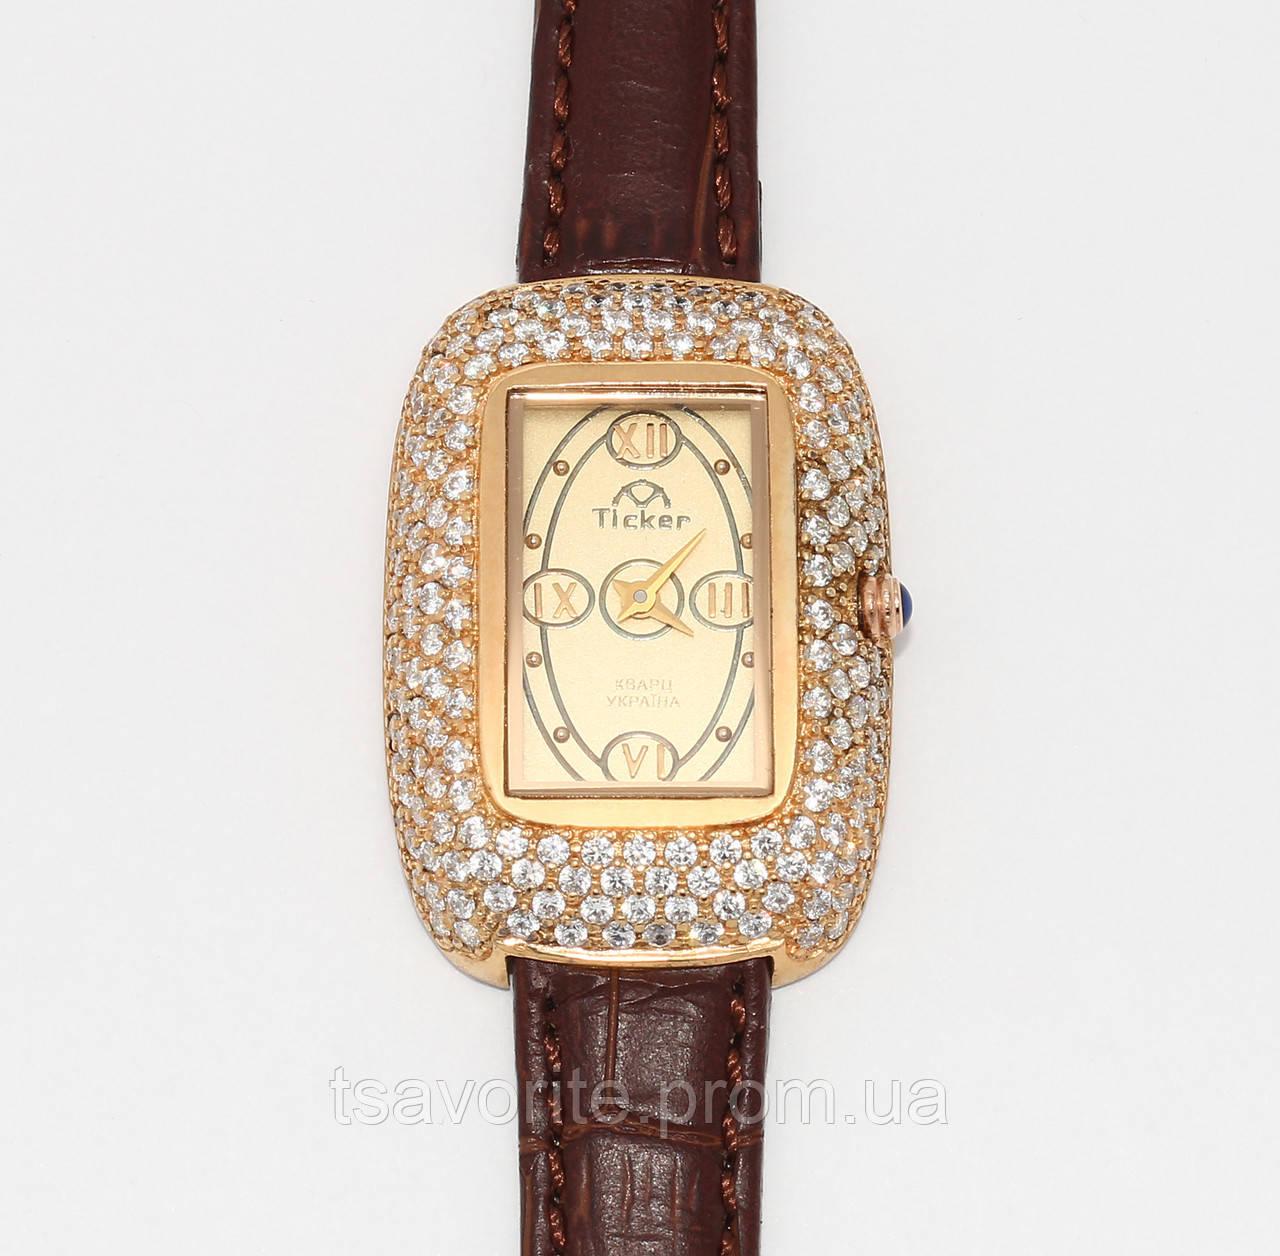 Женские серебряные часы с позолотой ЖЧХ-4